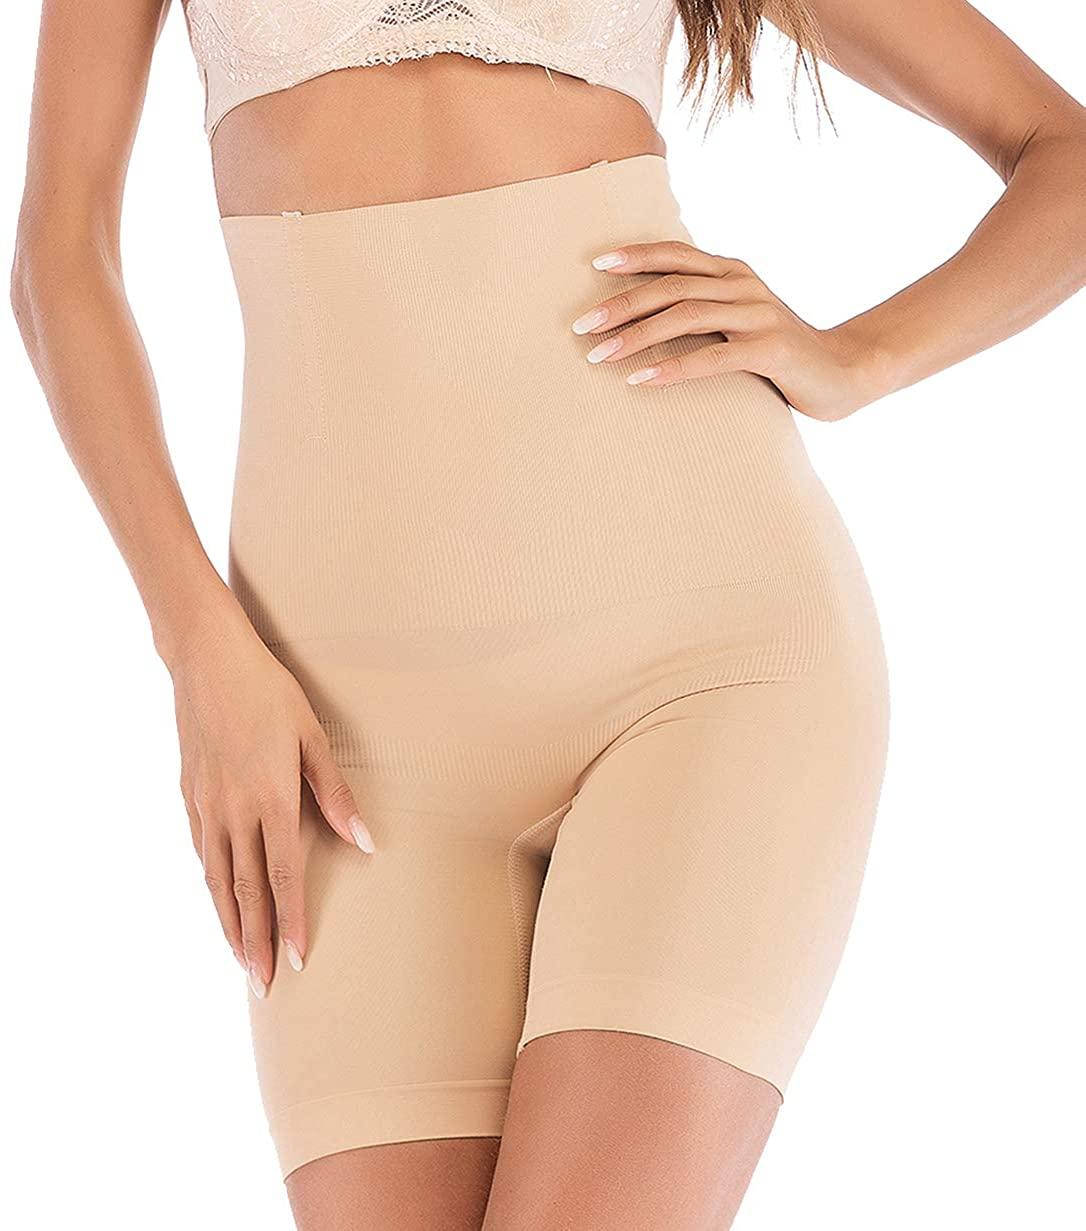 SAYFUT Women's Hi-Waist Shapewear Butt Lifter Body Shaper Tummy Control Panties Seamless Thigh Slimmers Cincher